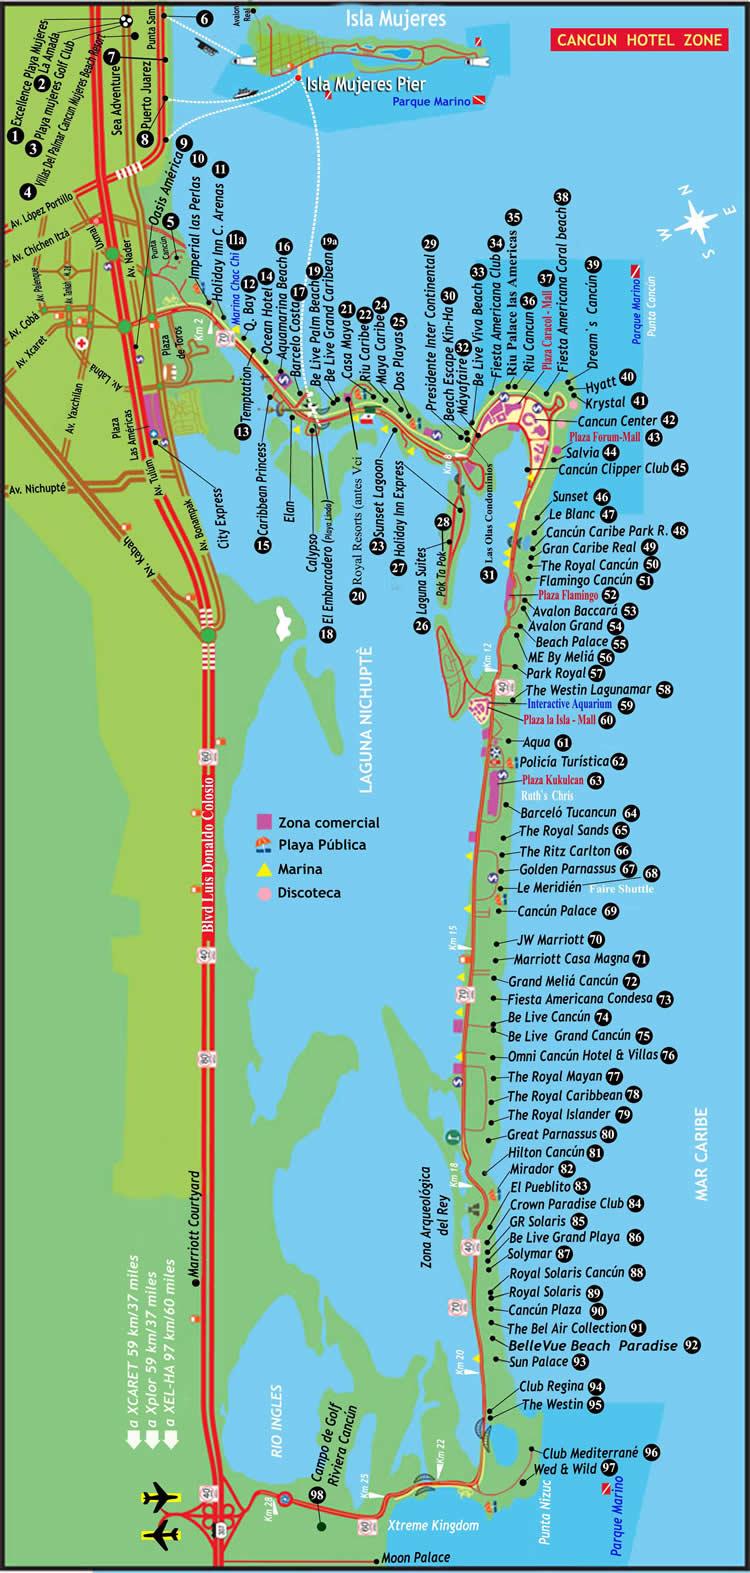 Mapa de Cancún con los hoteles en la franja de Costa